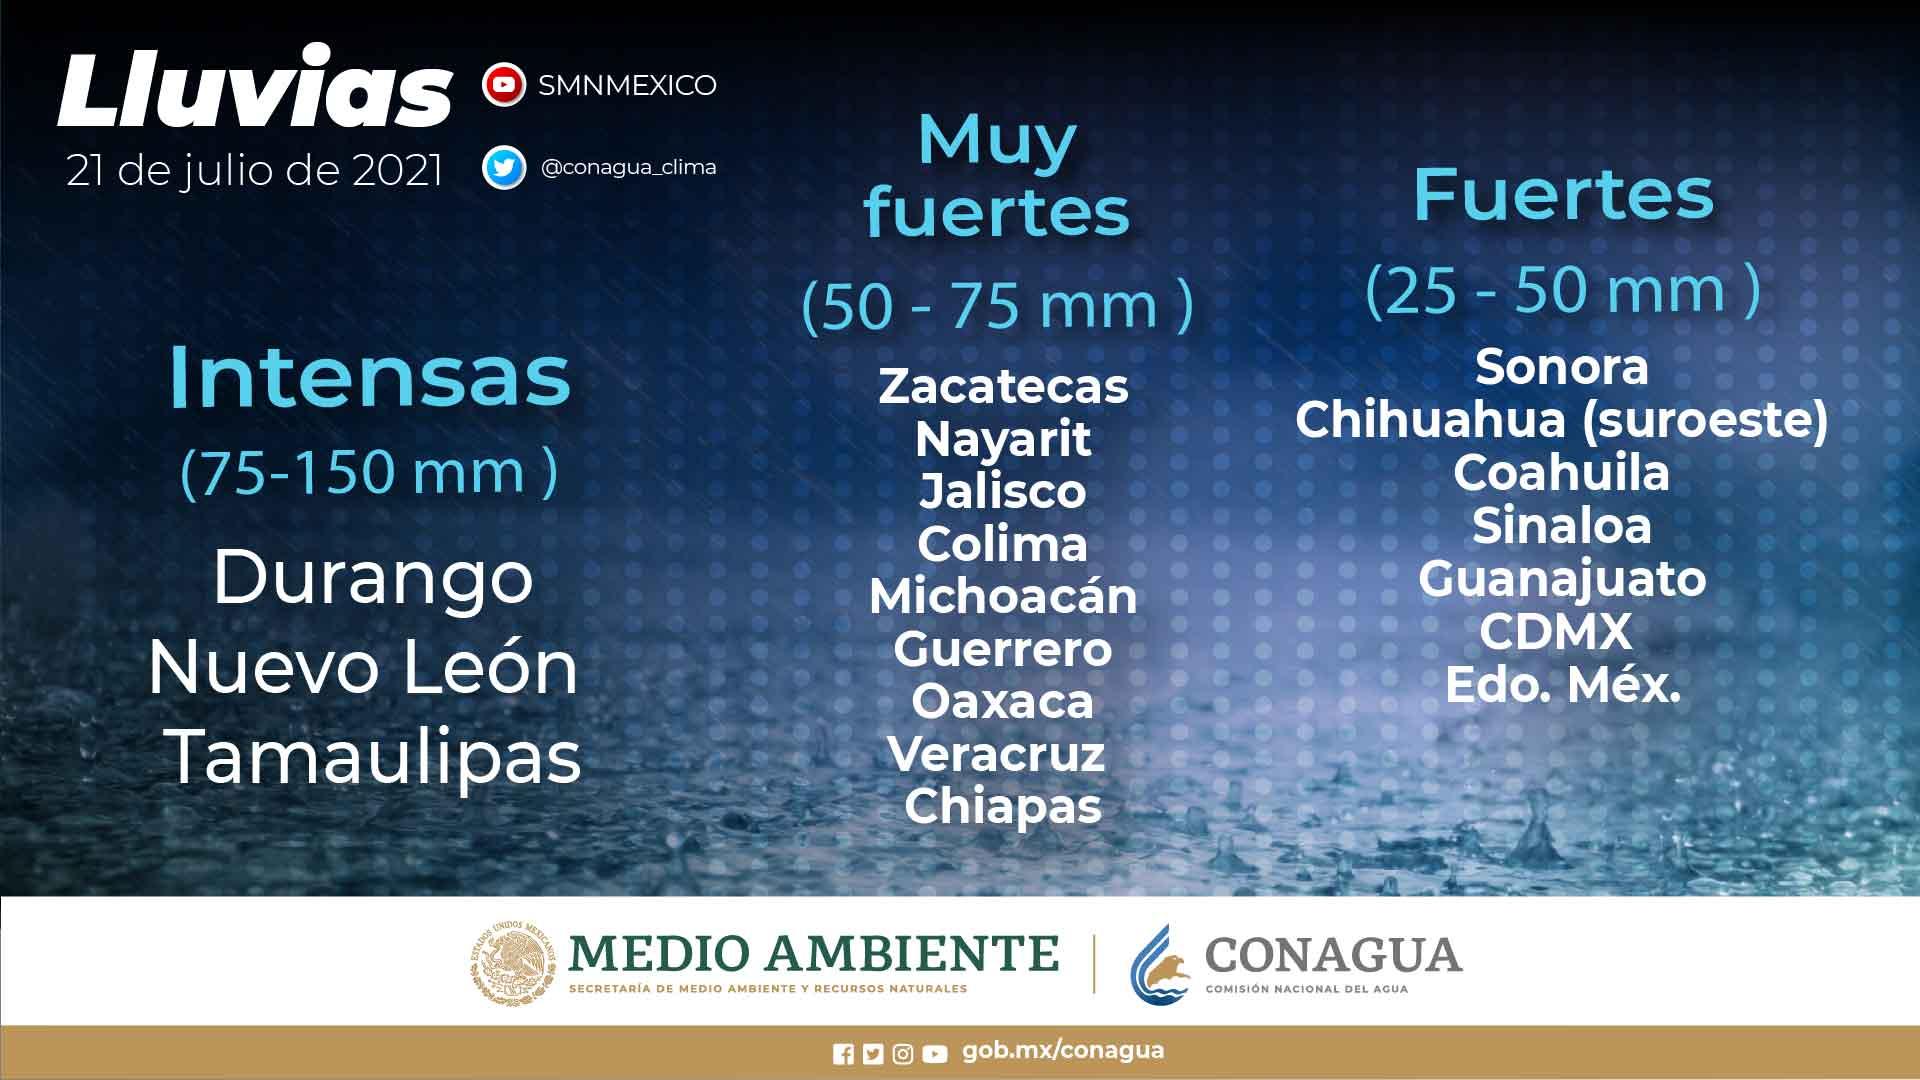 Bajo pronóstico de lluvias para Tlaxcala este miércoles